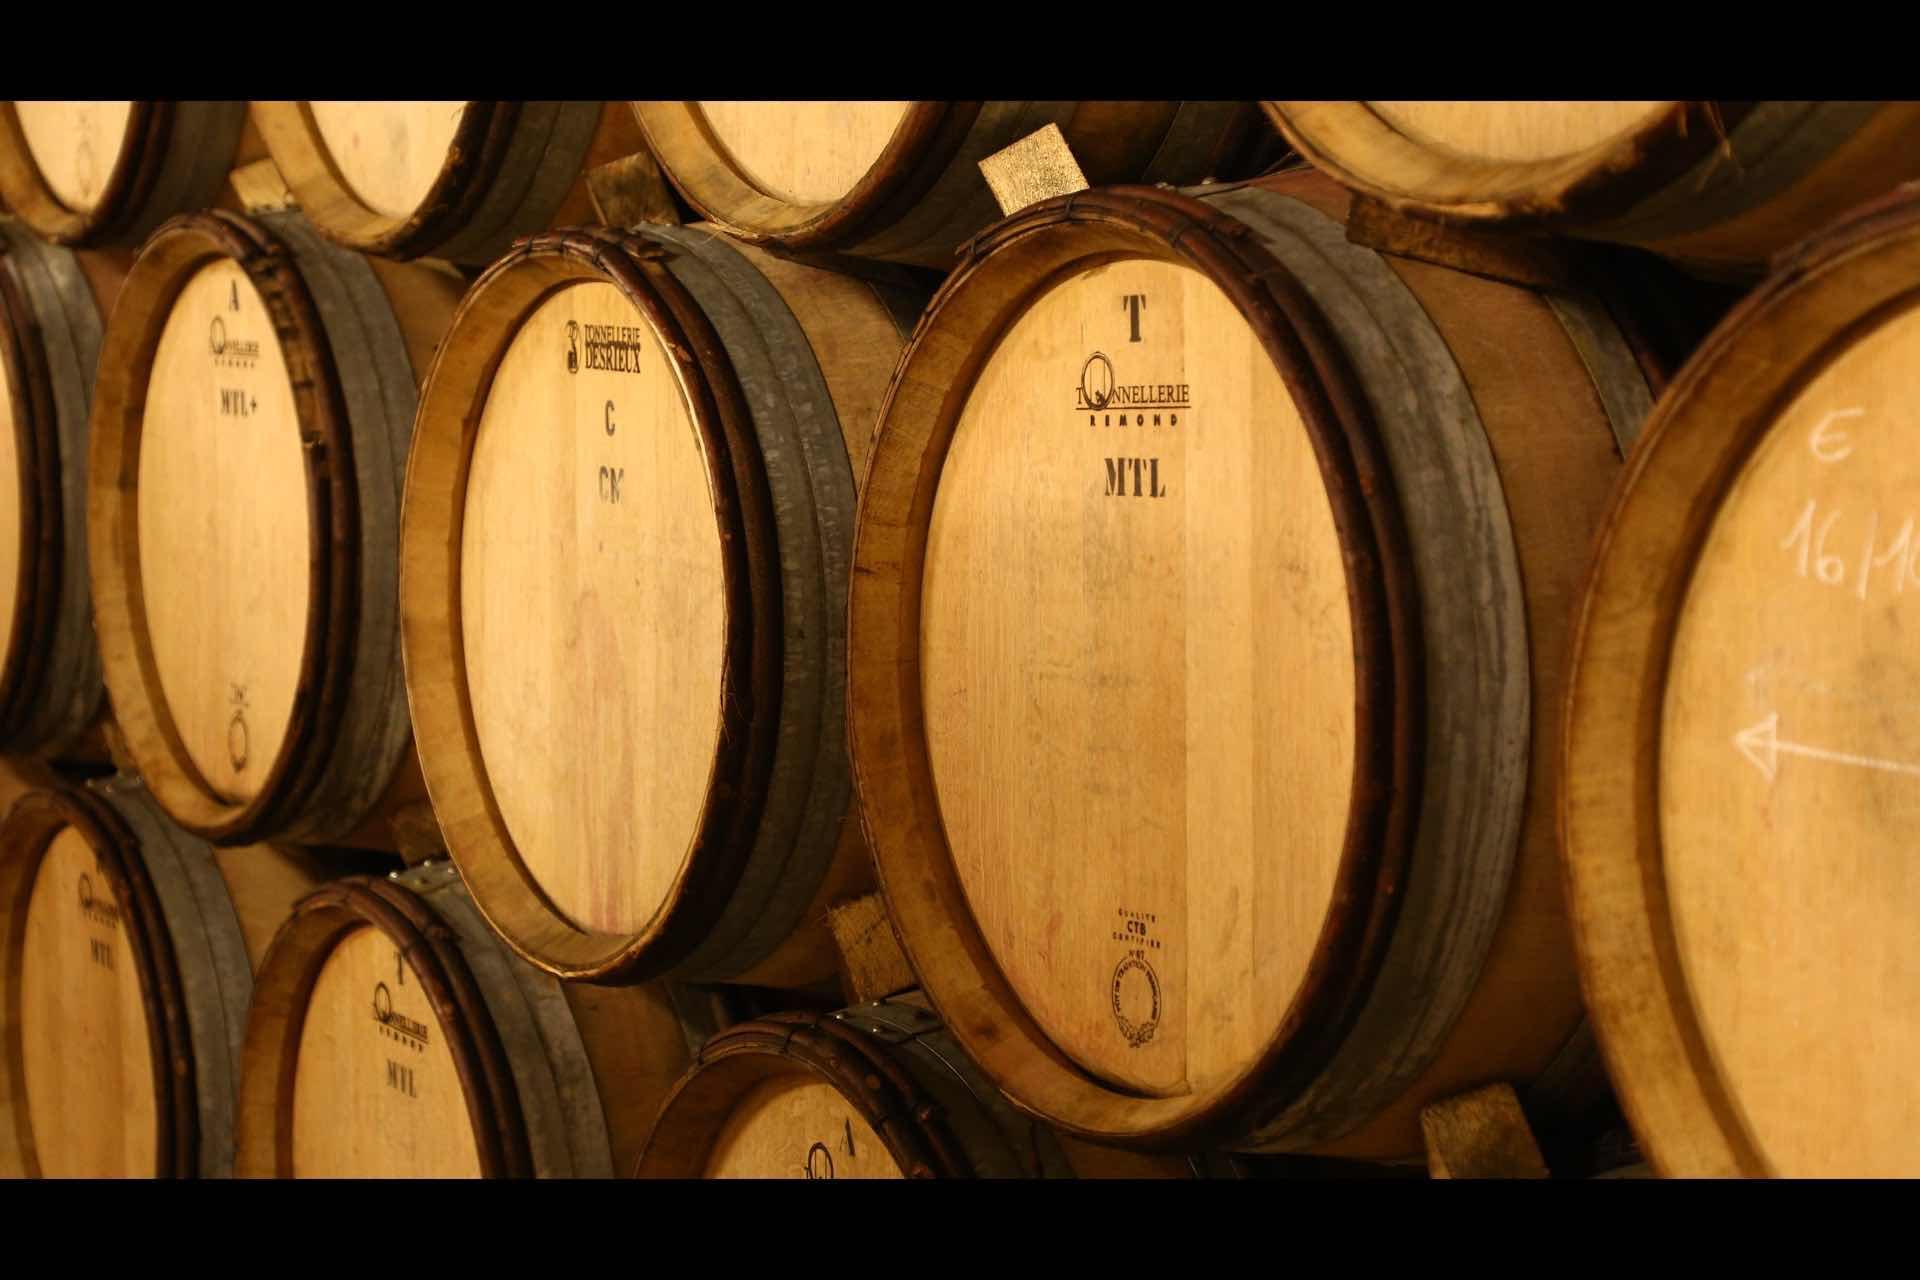 Domaine Laurent Combier - アペロ ワインバー / apéro WINEBAR - vins et petits plats français - Minami Aoyama Tokyo